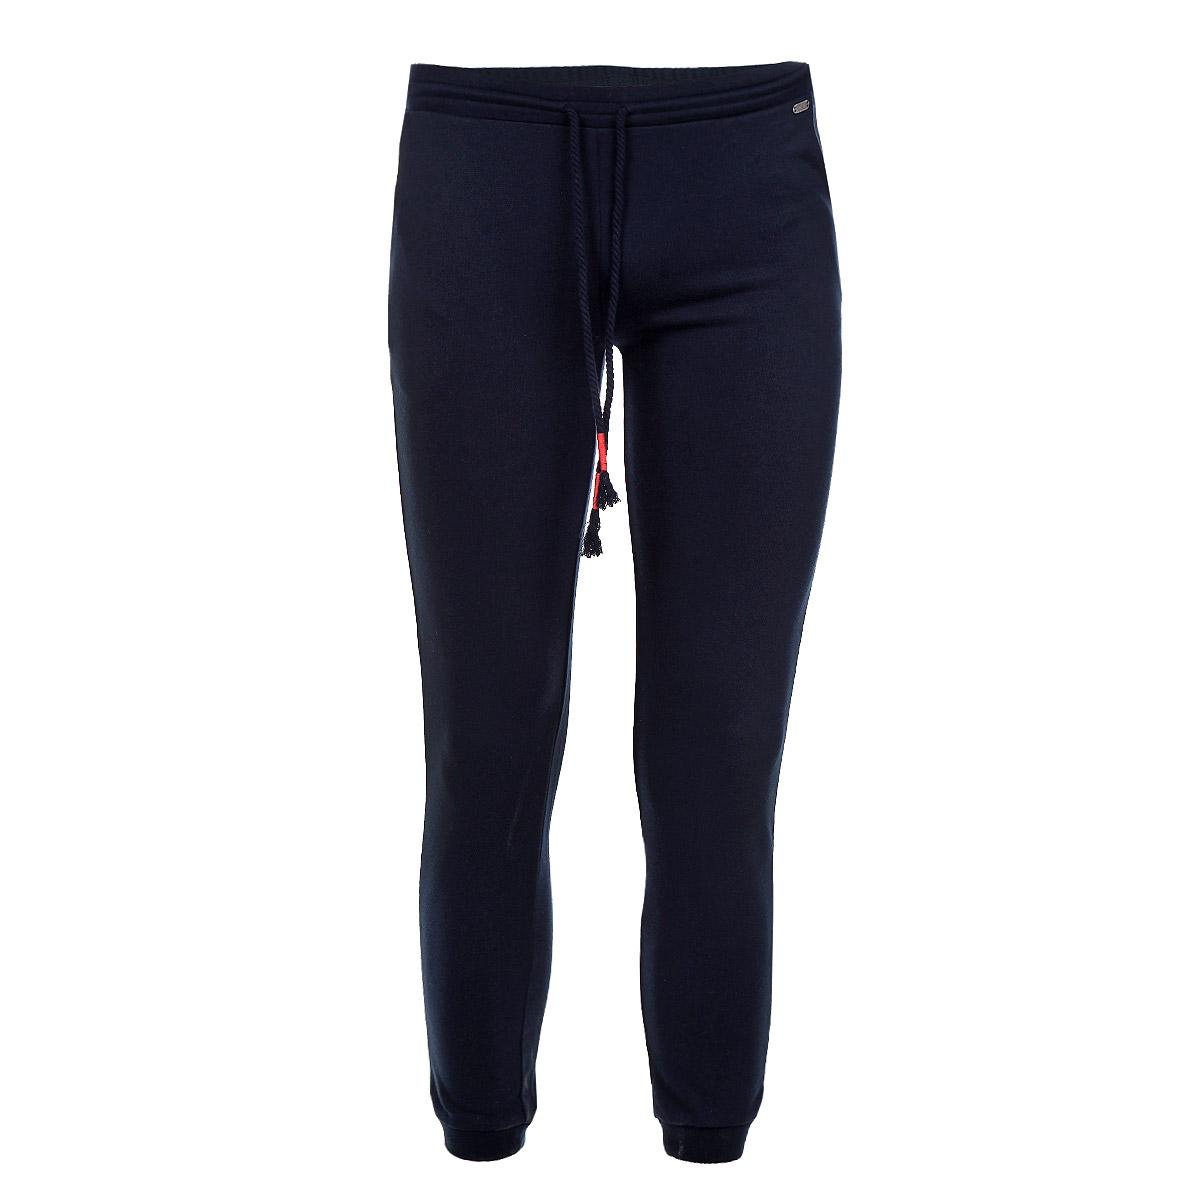 Брюки спортивные женские. Pk-115/592-5372Pk-115/592-5372Спортивные женские брюки Sela идеально подойдут для отдыха и прогулок. Изготовленные из полиэстера и хлопка, они мягкие и приятные на ощупь, не сковывают движения и позволяют коже дышать, обеспечивая наибольший комфорт. Брюки на талии имеют широкую трикотажную резинку, регулируемую шнурком. По бокам модель дополнена двумя втачными карманами. Брючины дополнены широкими манжетами. Современный дизайн и актуальная расцветка делают эти брюки модным и стильным предметом гардероба. Отличный выбор для занятий спортом и активного отдыха!